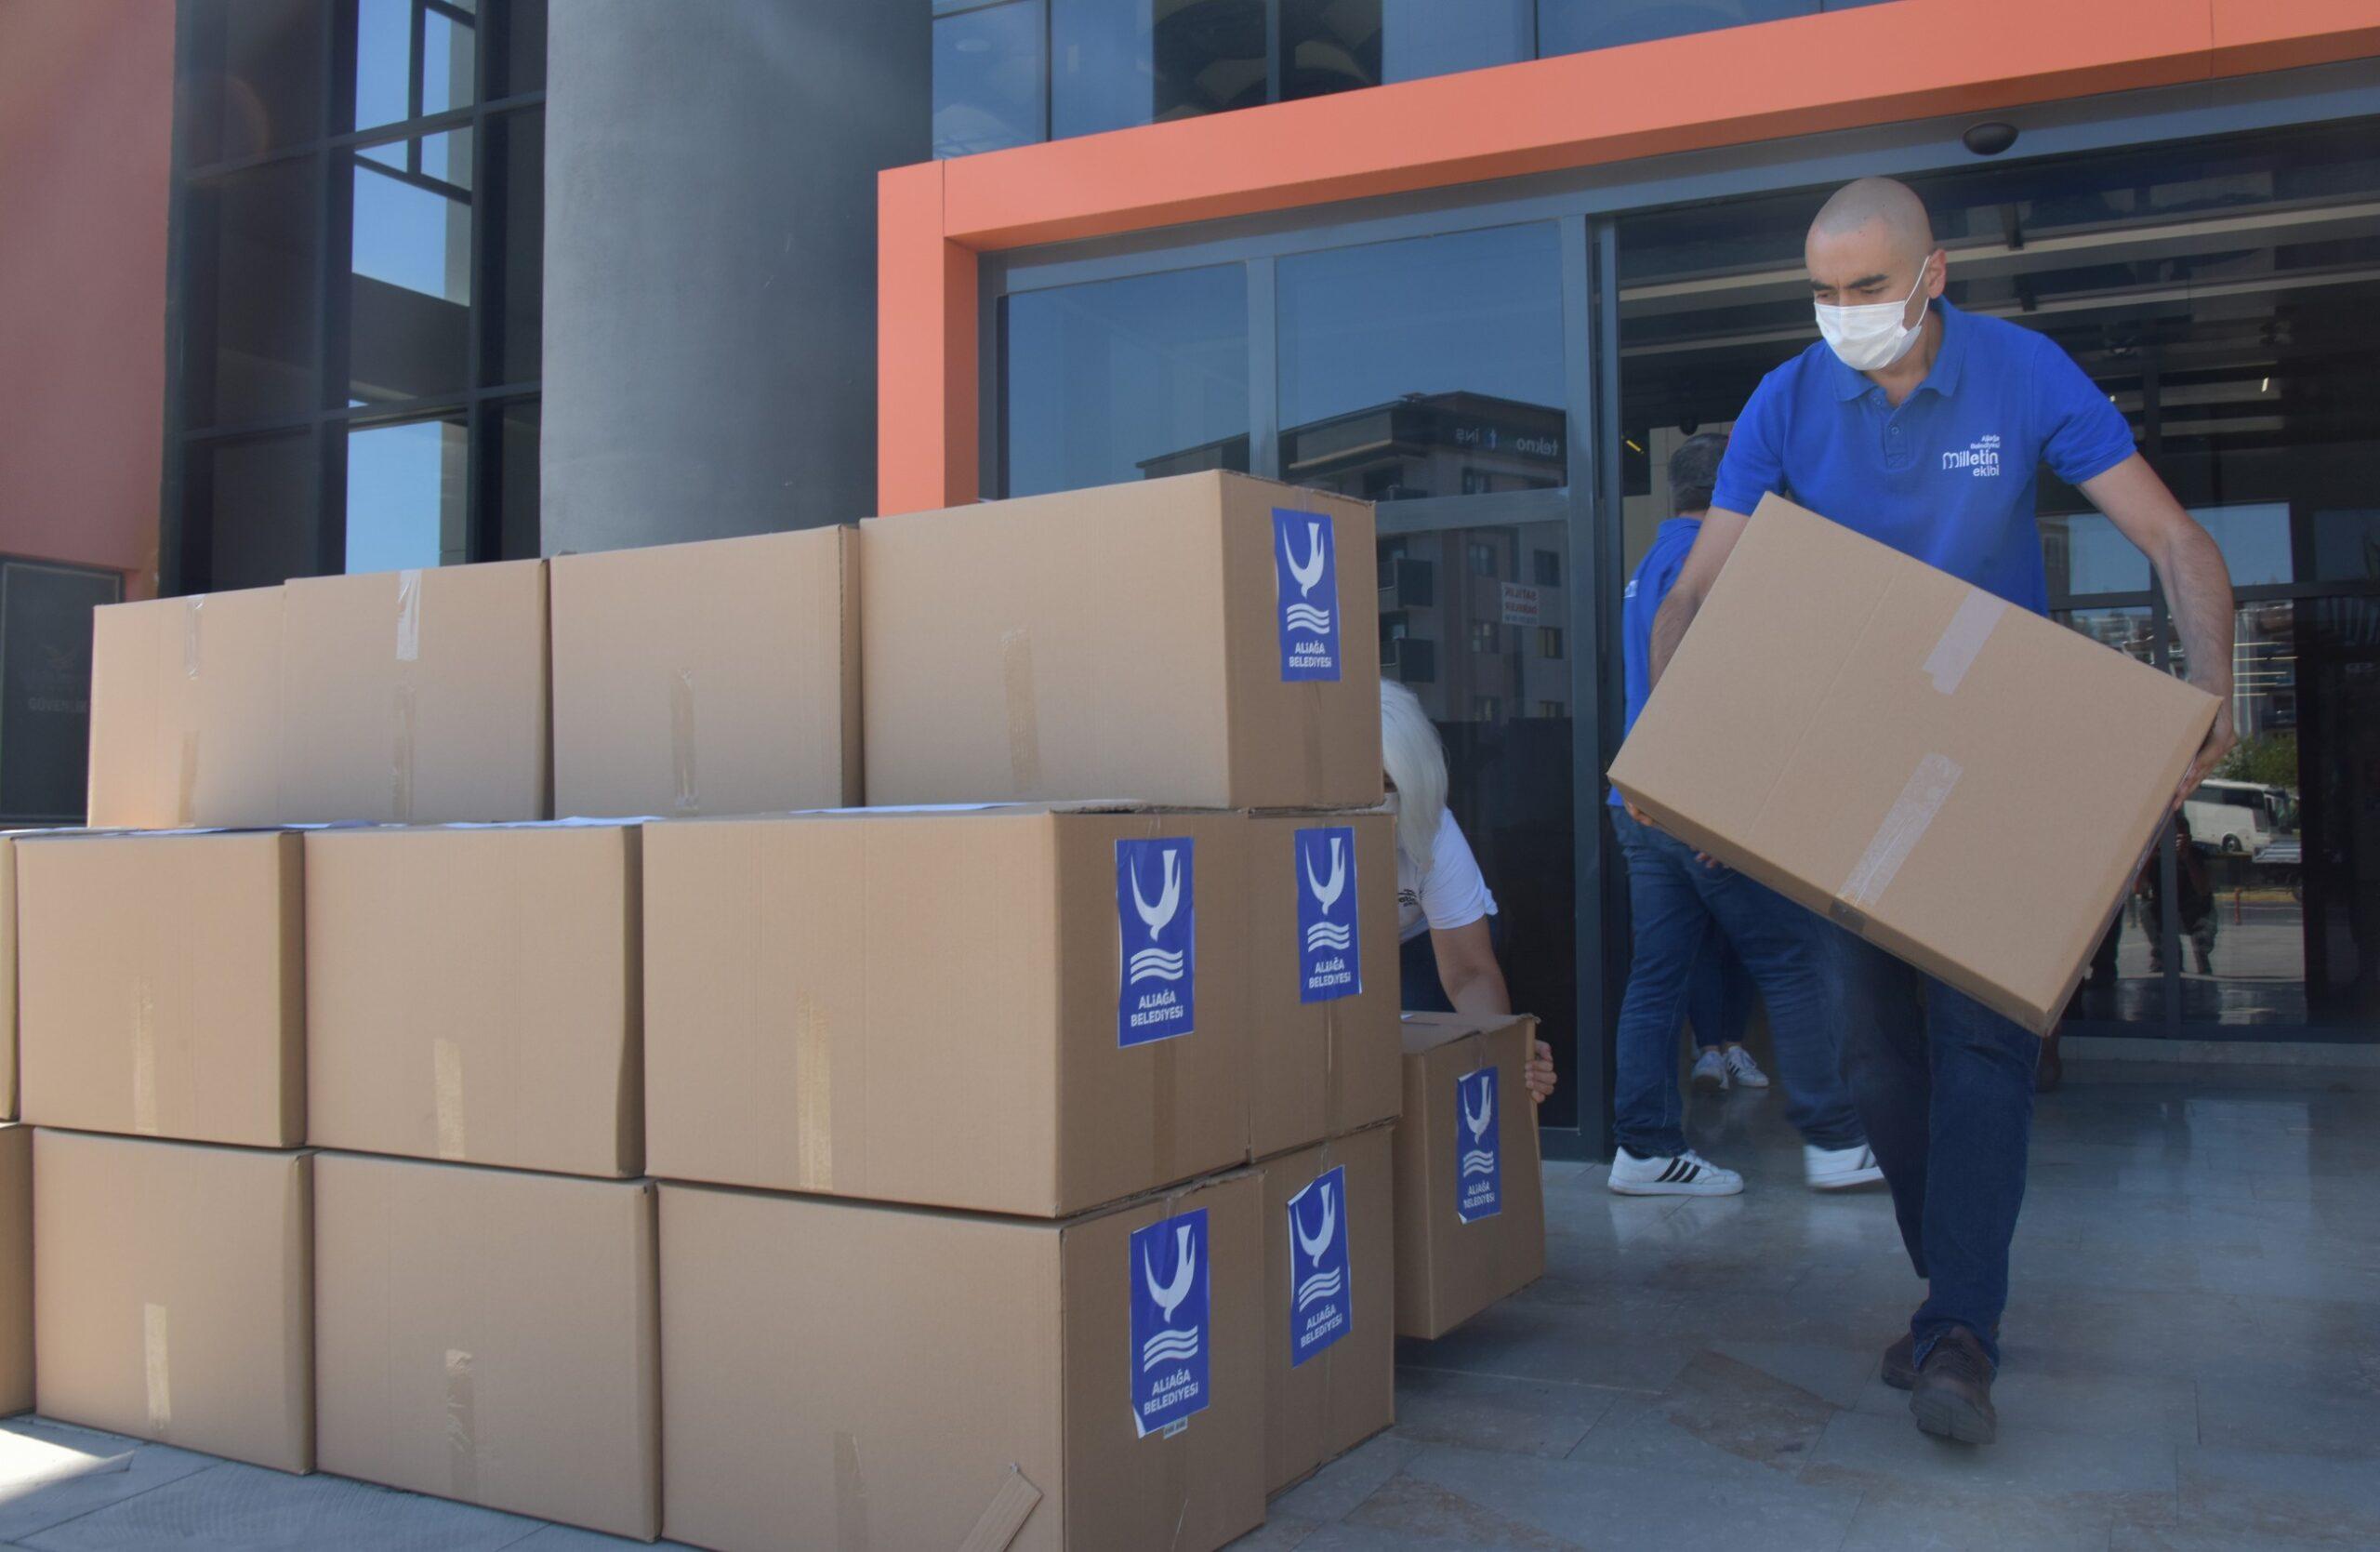 Aliağa Belediyesi, Afet Bölgesine Acil İhtiyaç Malzemeleri Gönderildi